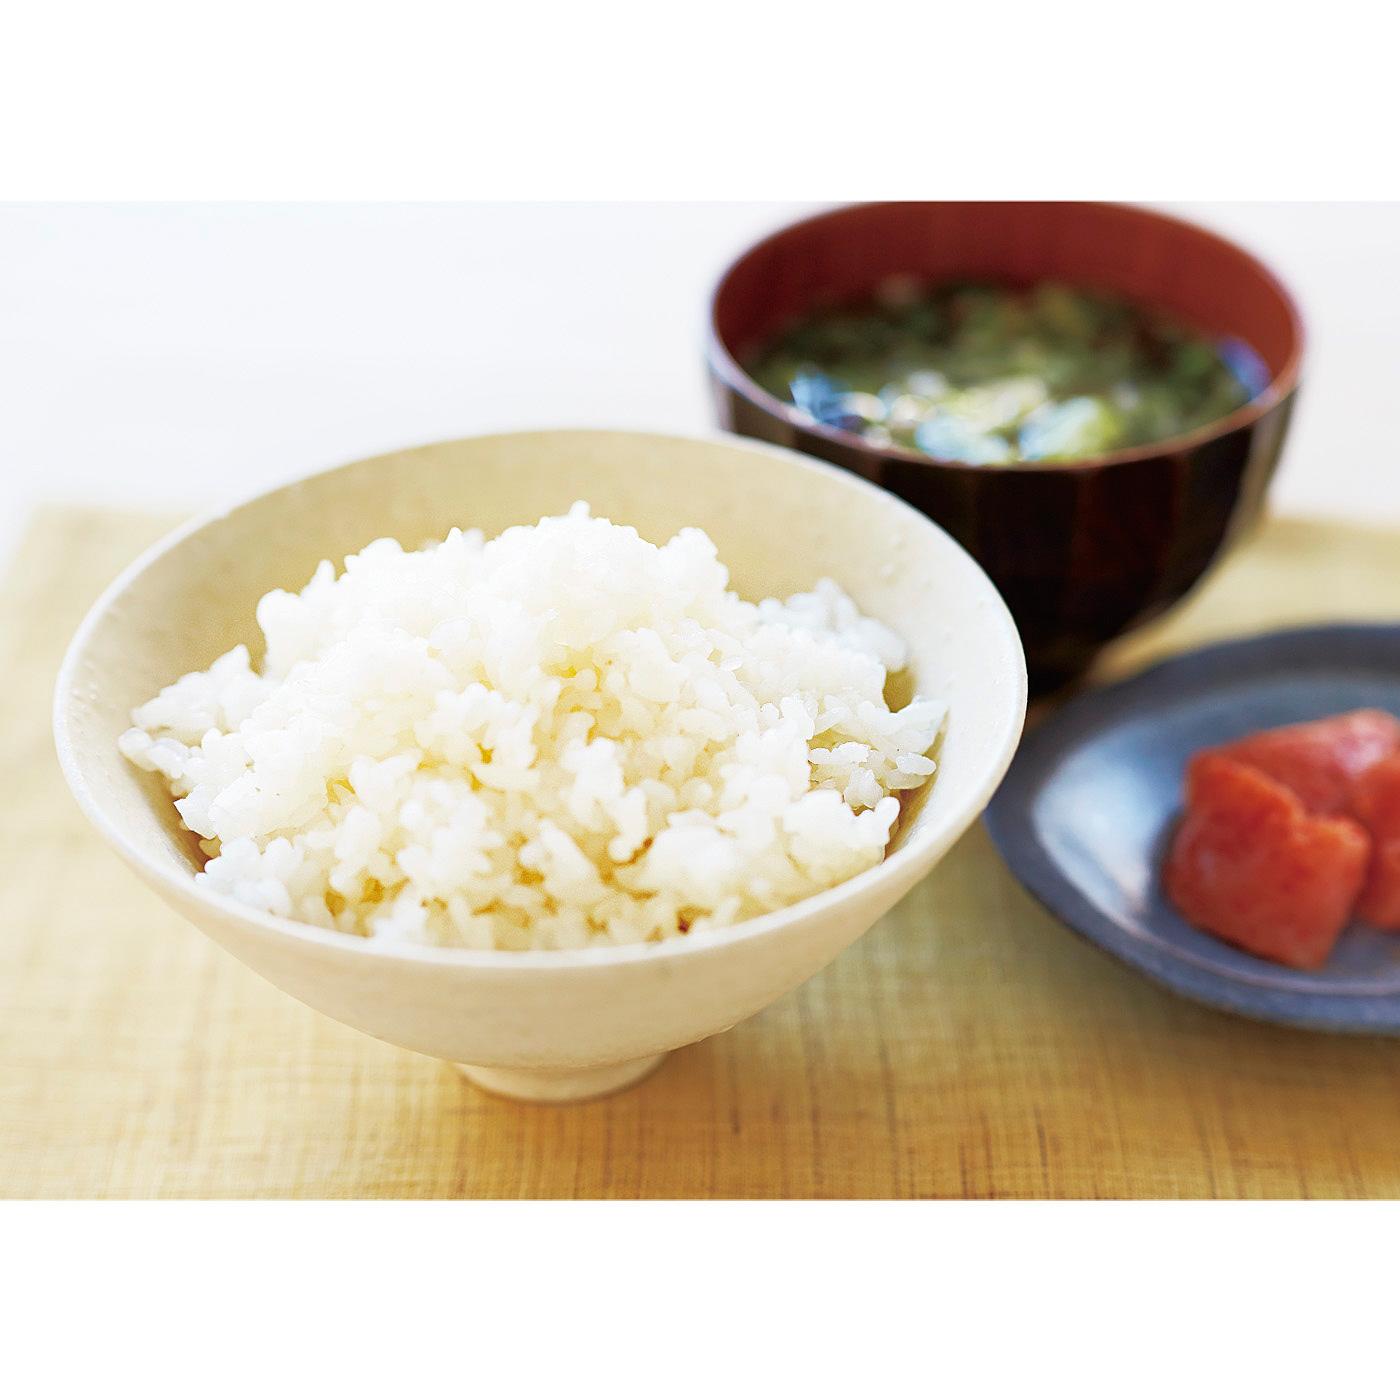 1合のお米に40gのこんにゃく米を入れて炊くと、約1.7合分に。同じ1.7合でも白米だけの場合と比べて、カロリー&糖質カットできます。いつもの白米と見分けがつかない炊き上がり。